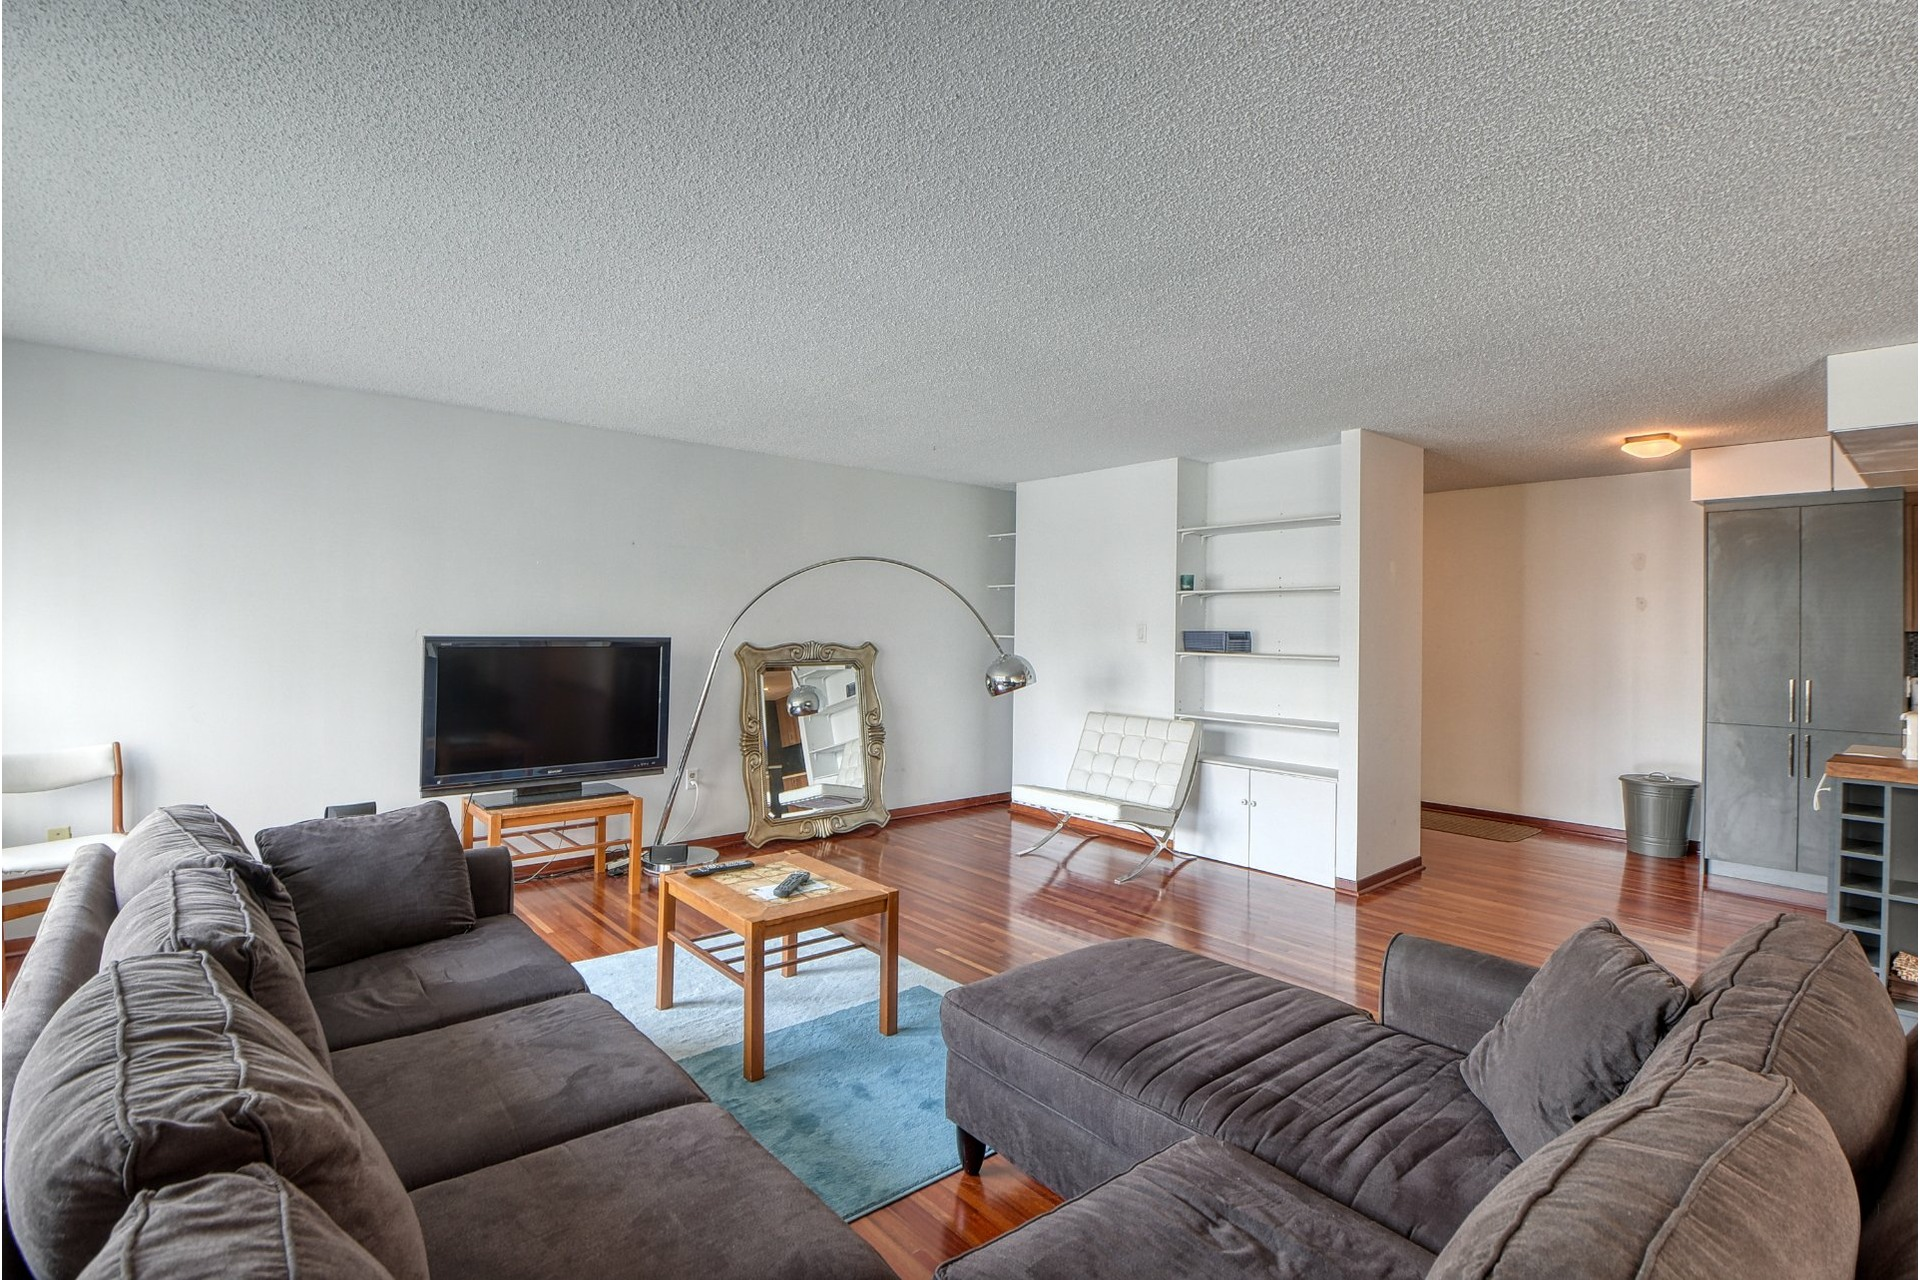 image 5 - Appartement À louer Ville-Marie Montréal  - 7 pièces